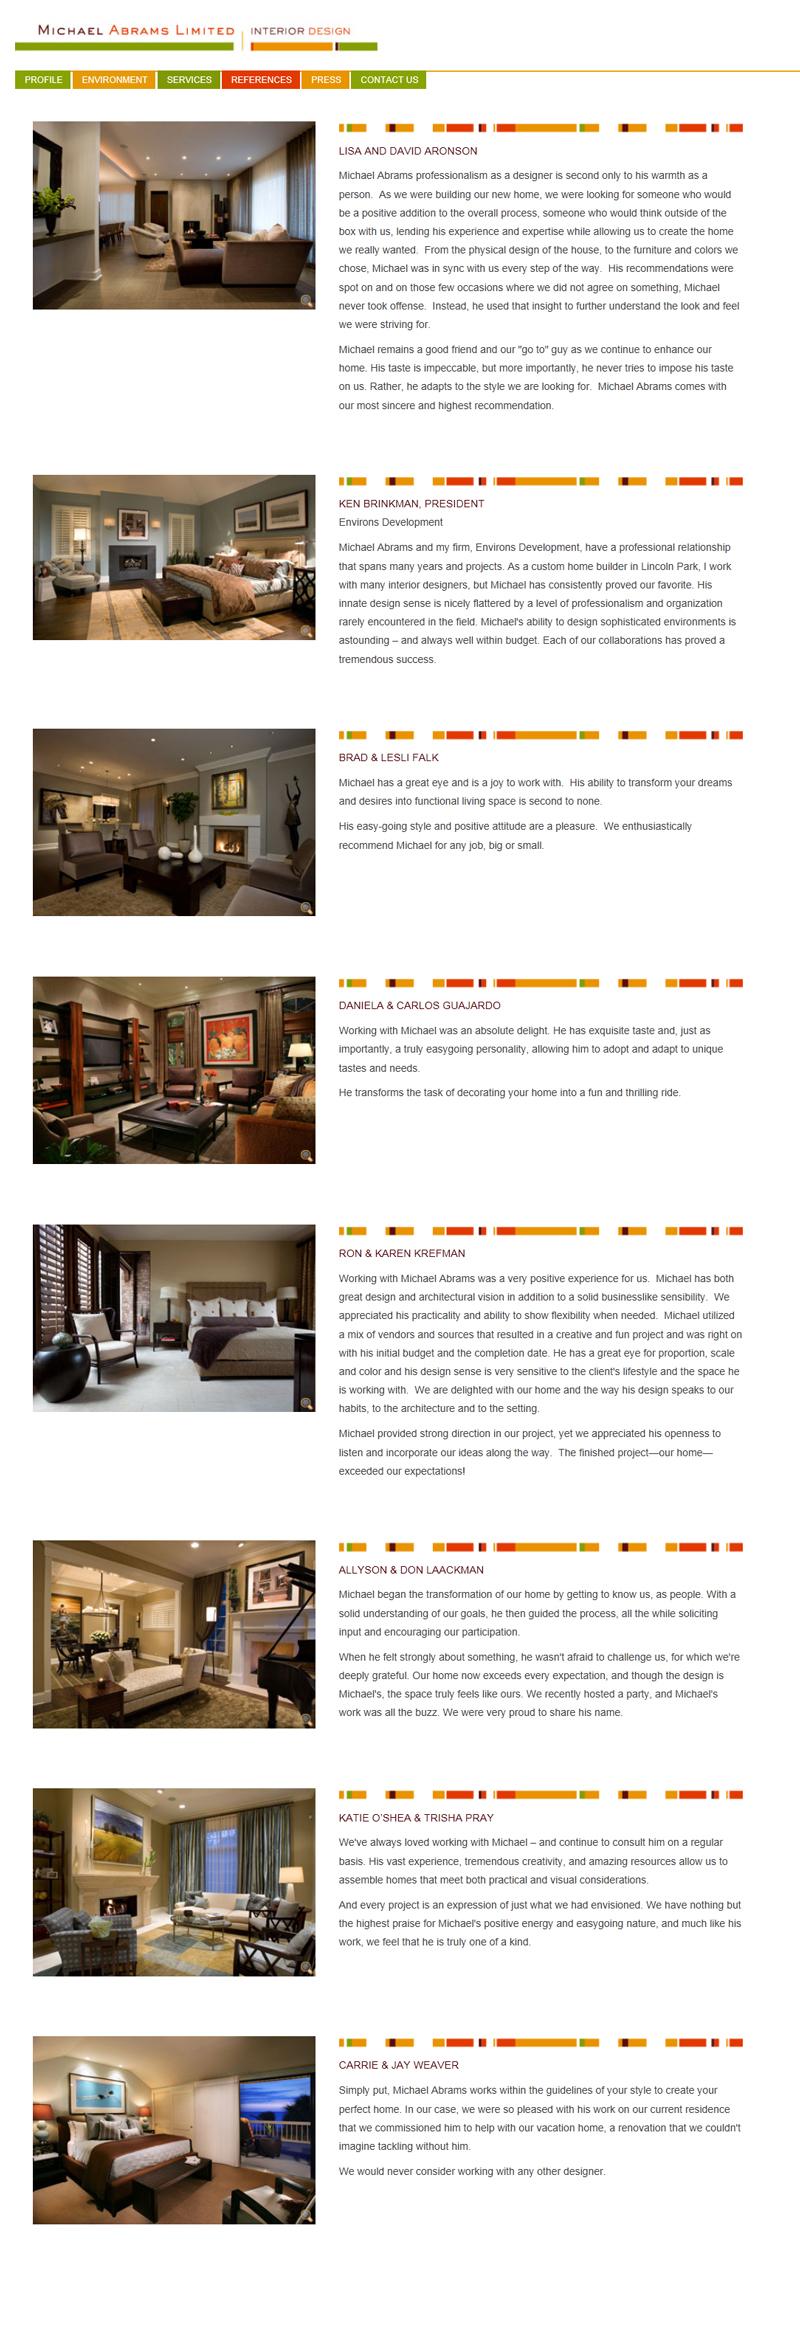 Michael abrams limited interior design website for Interior design sites